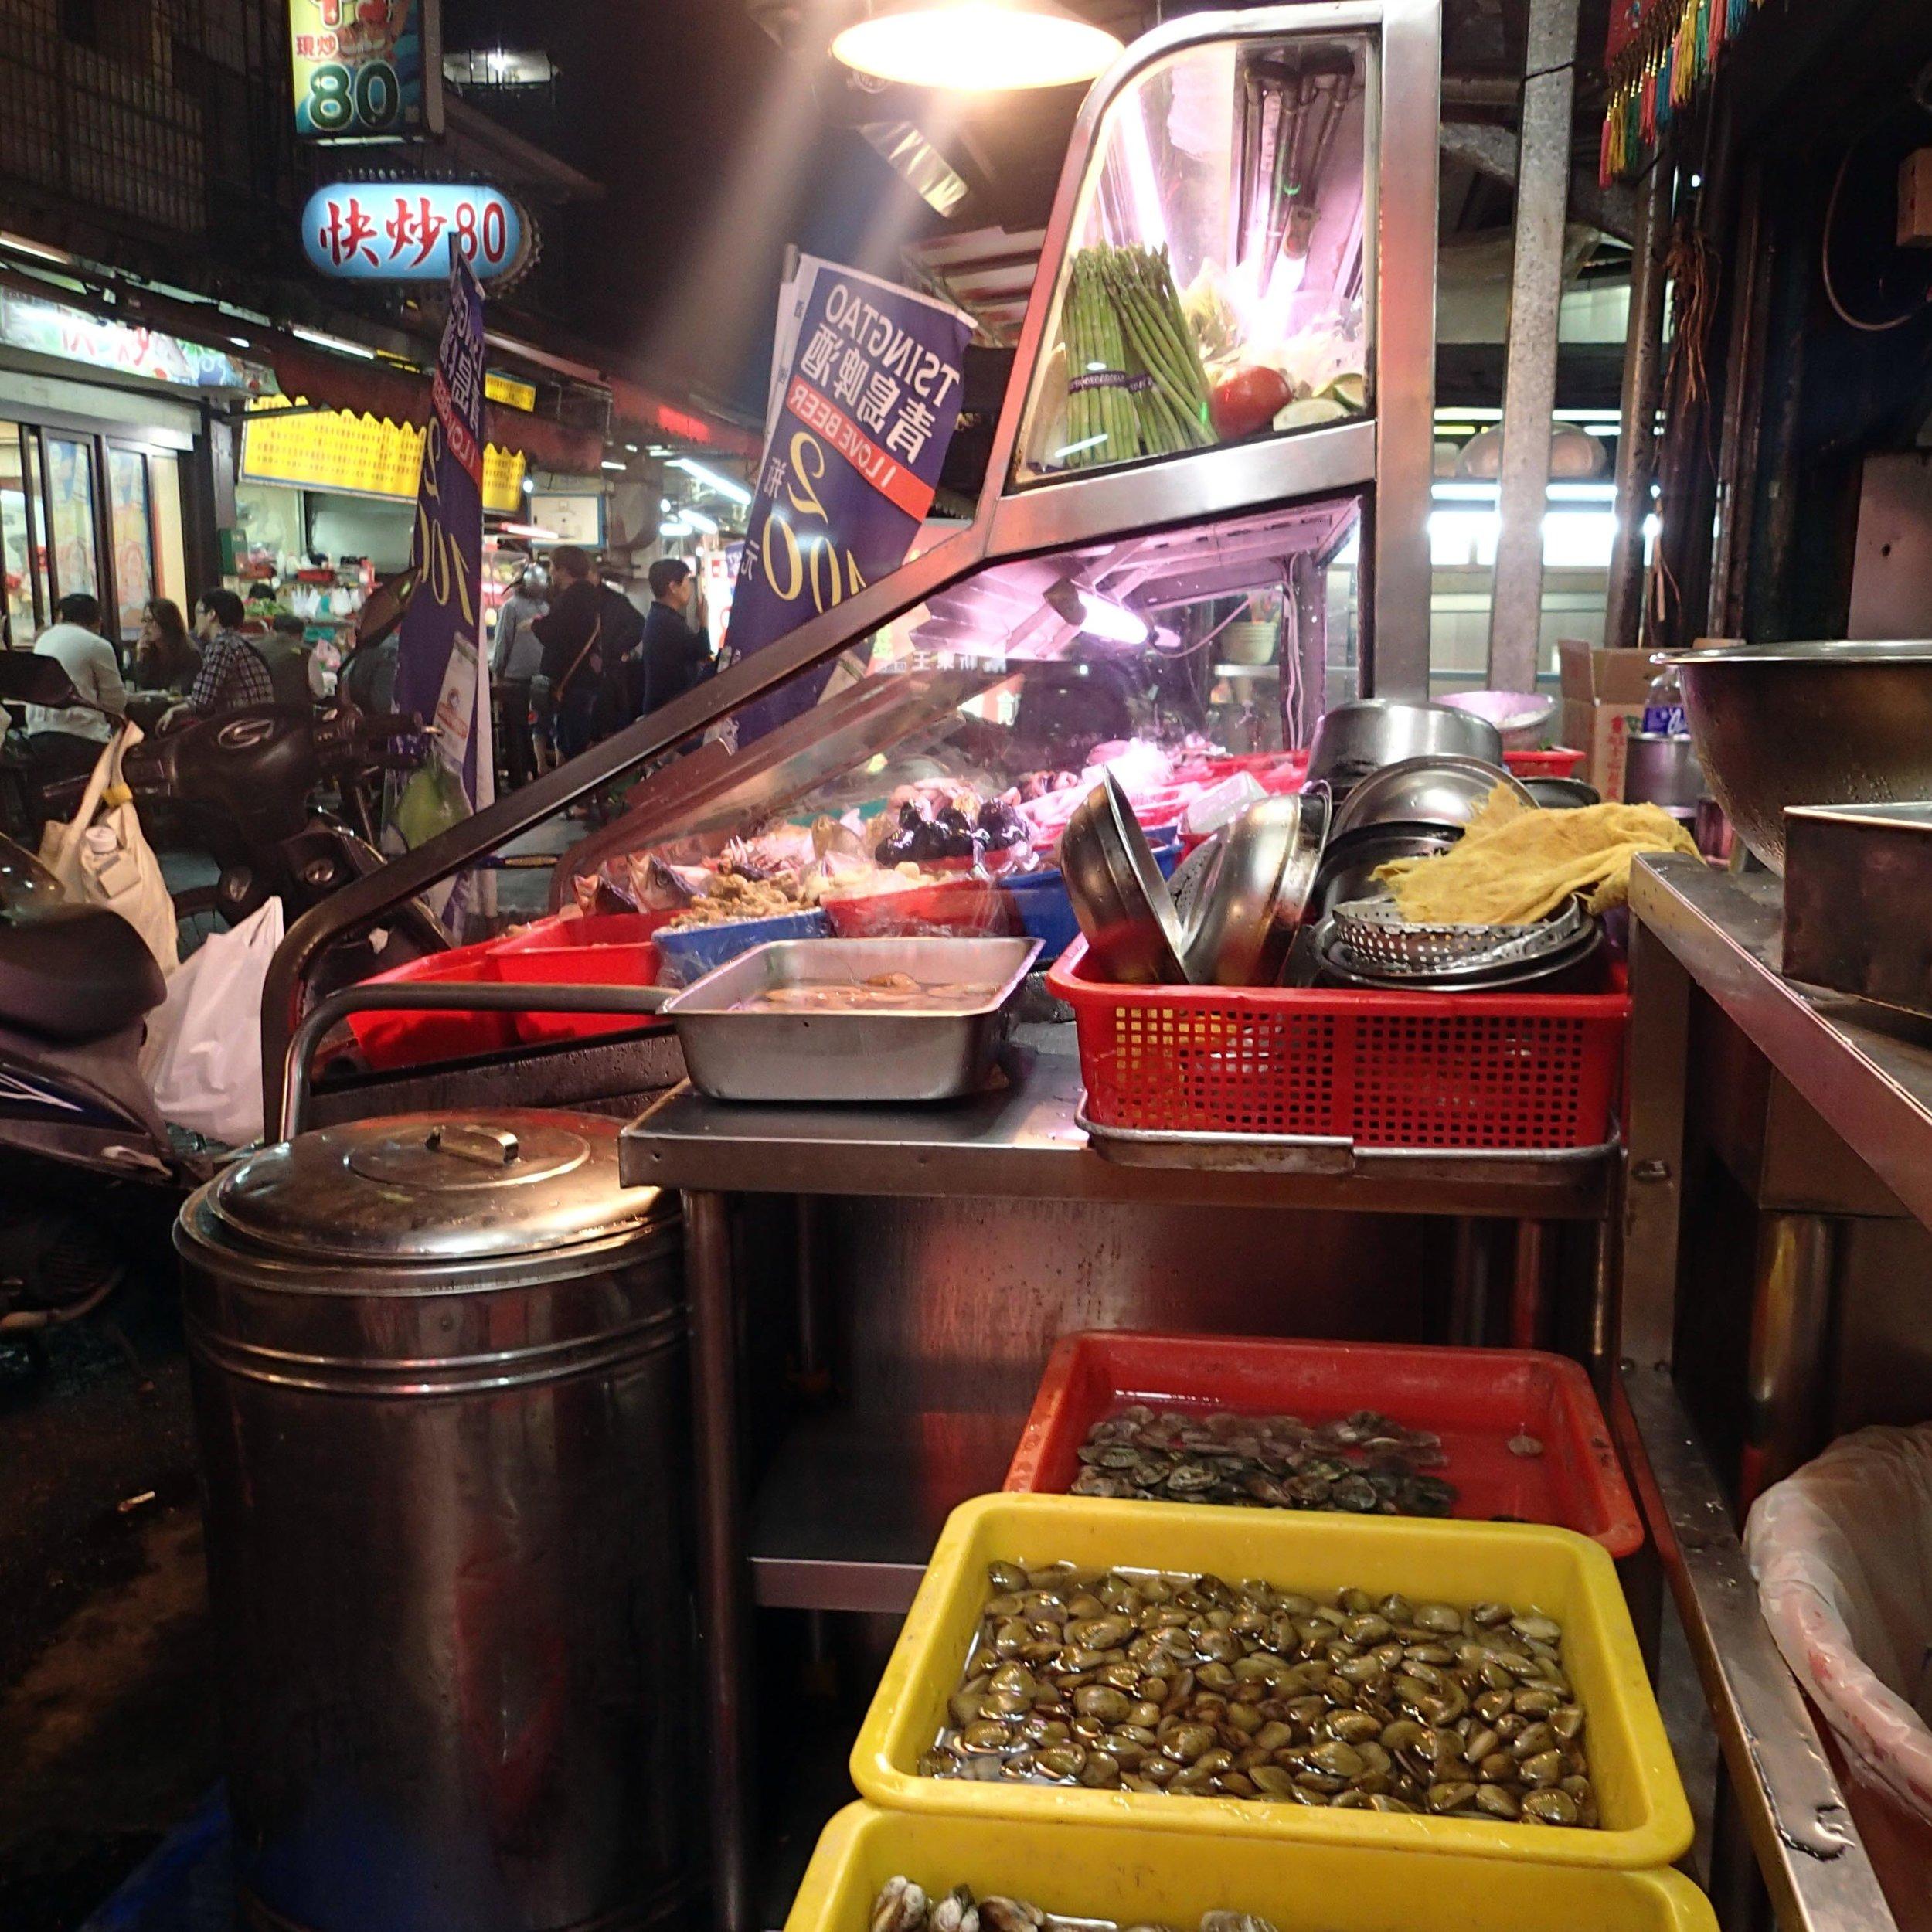 Nanjichang stir fry street.jpg